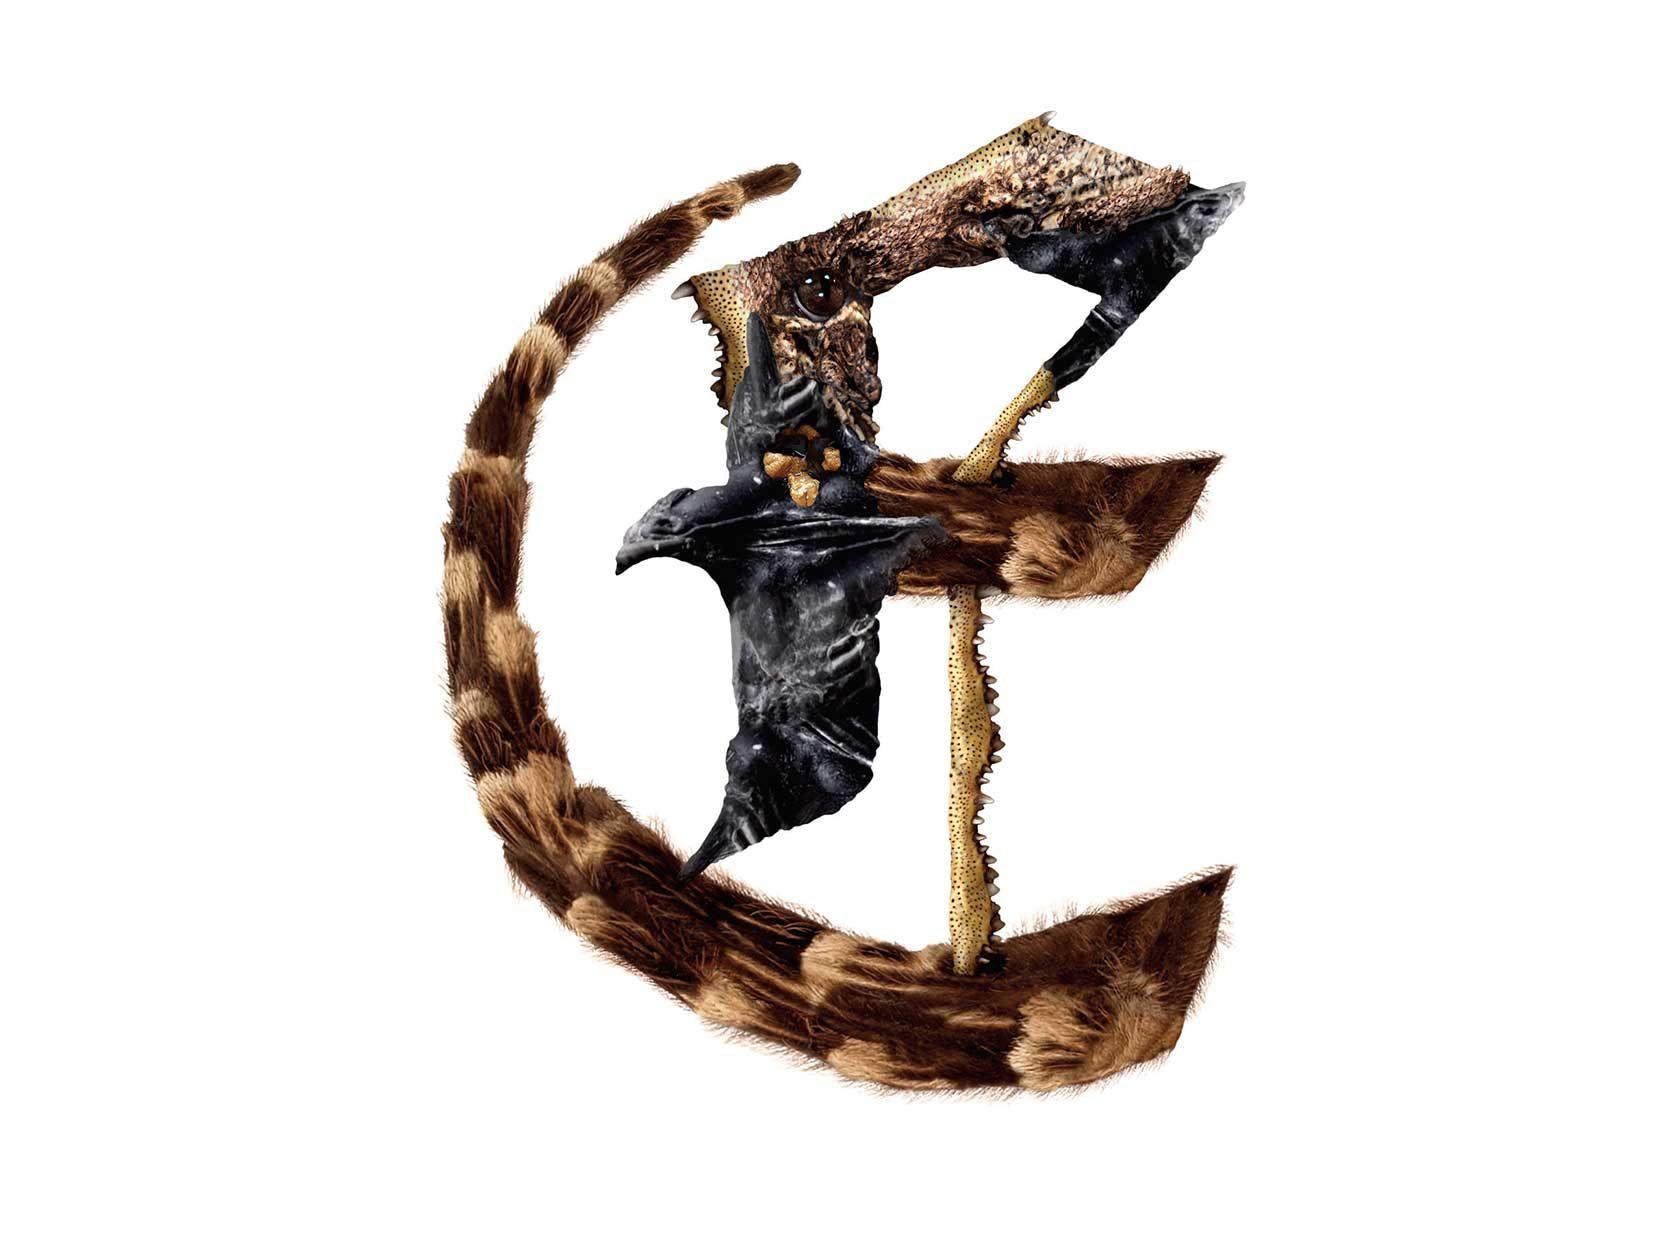 Bird Headed Monster Letter E Design by Furia